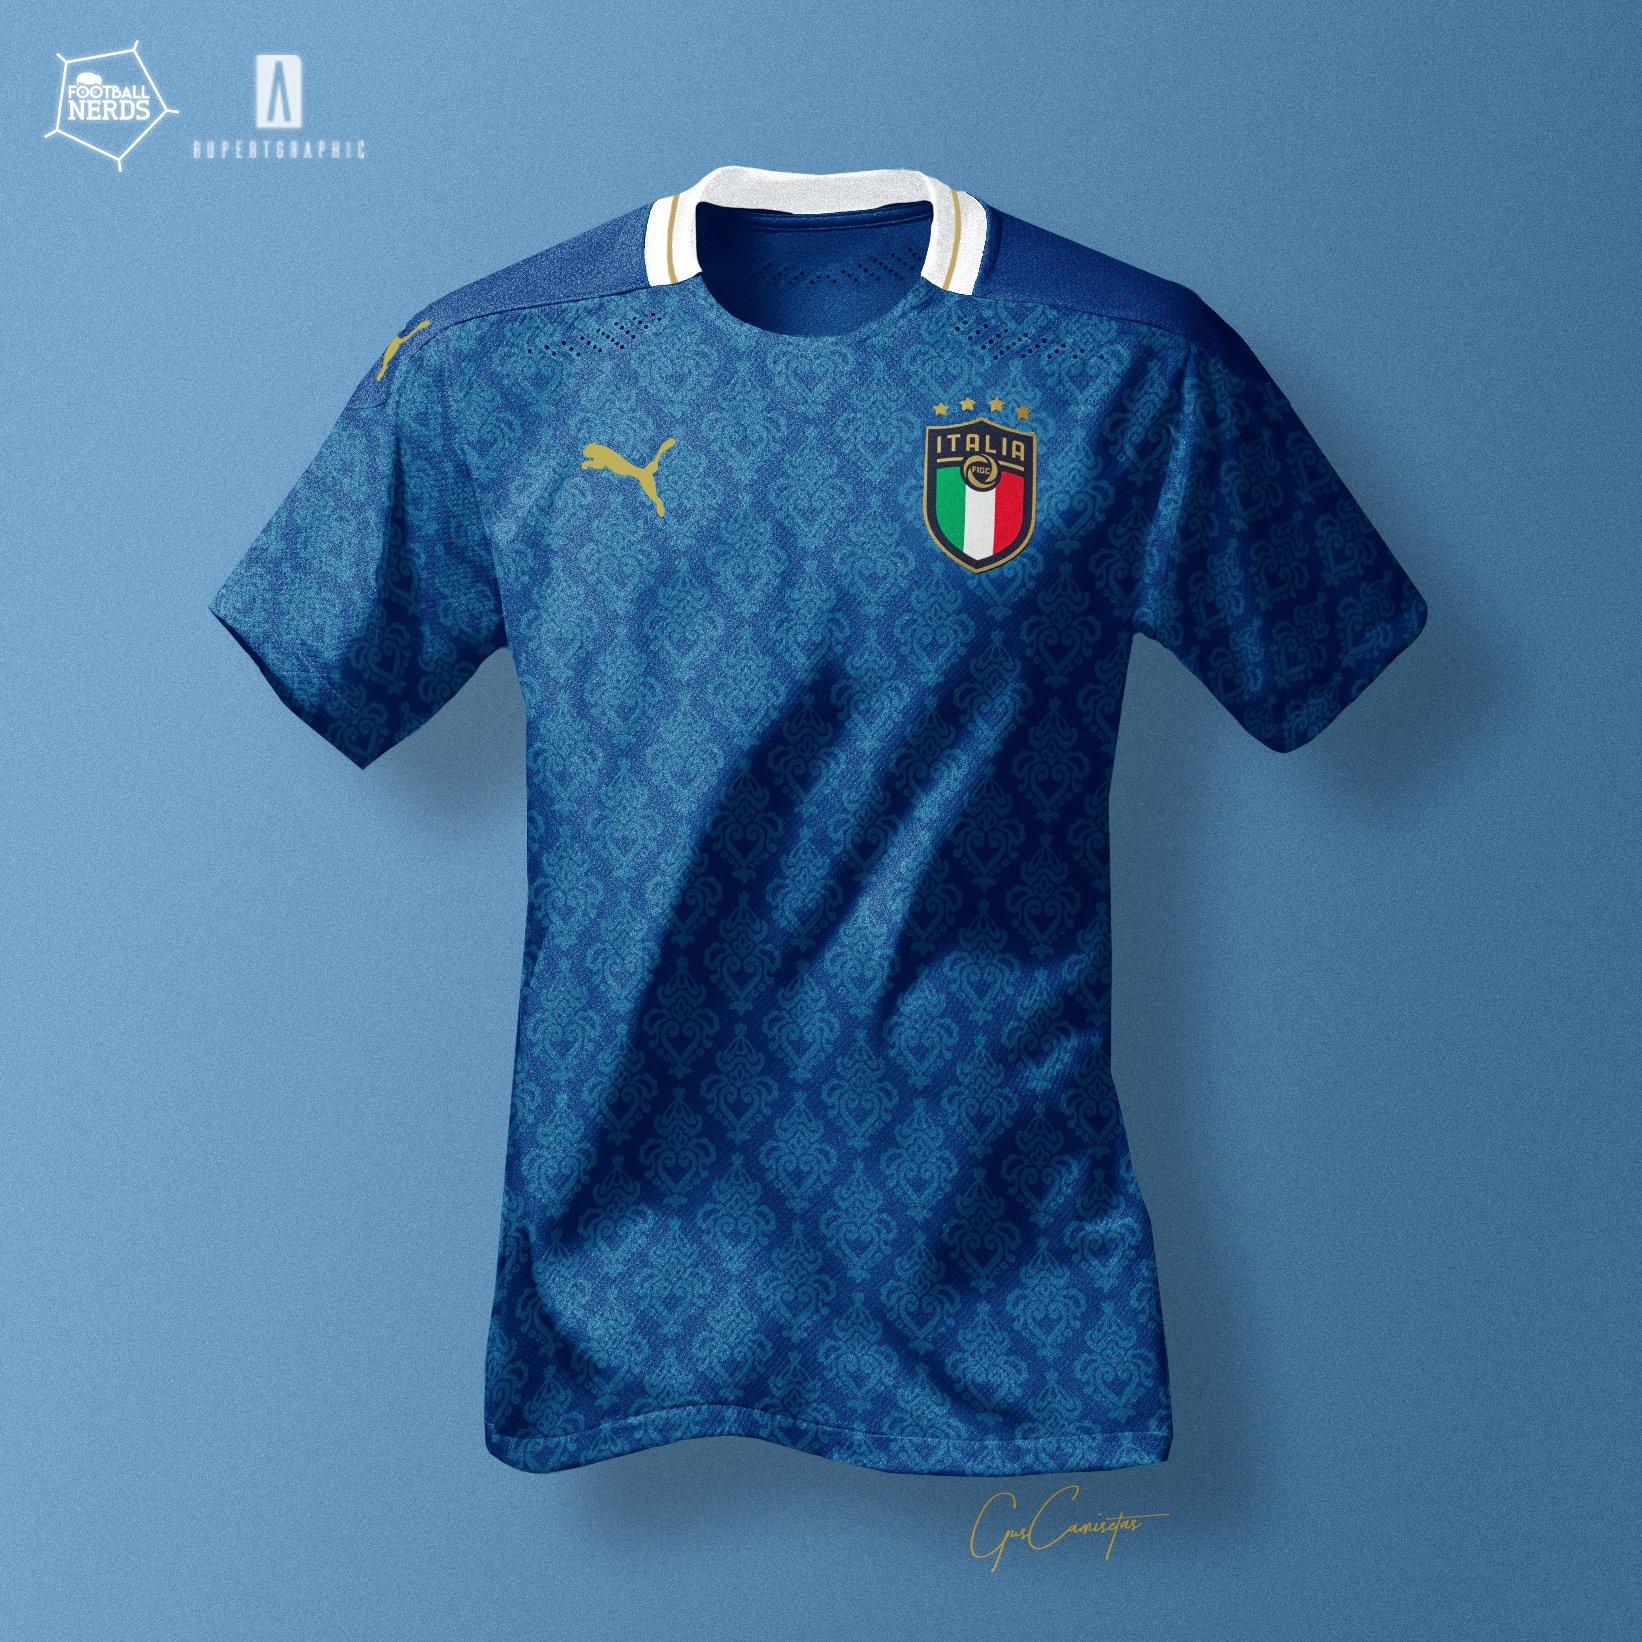 MAGLIA T SHIRT ITALIA EURO 2016 TIFOSI AZZURRA EUROPEI NAZIONALE